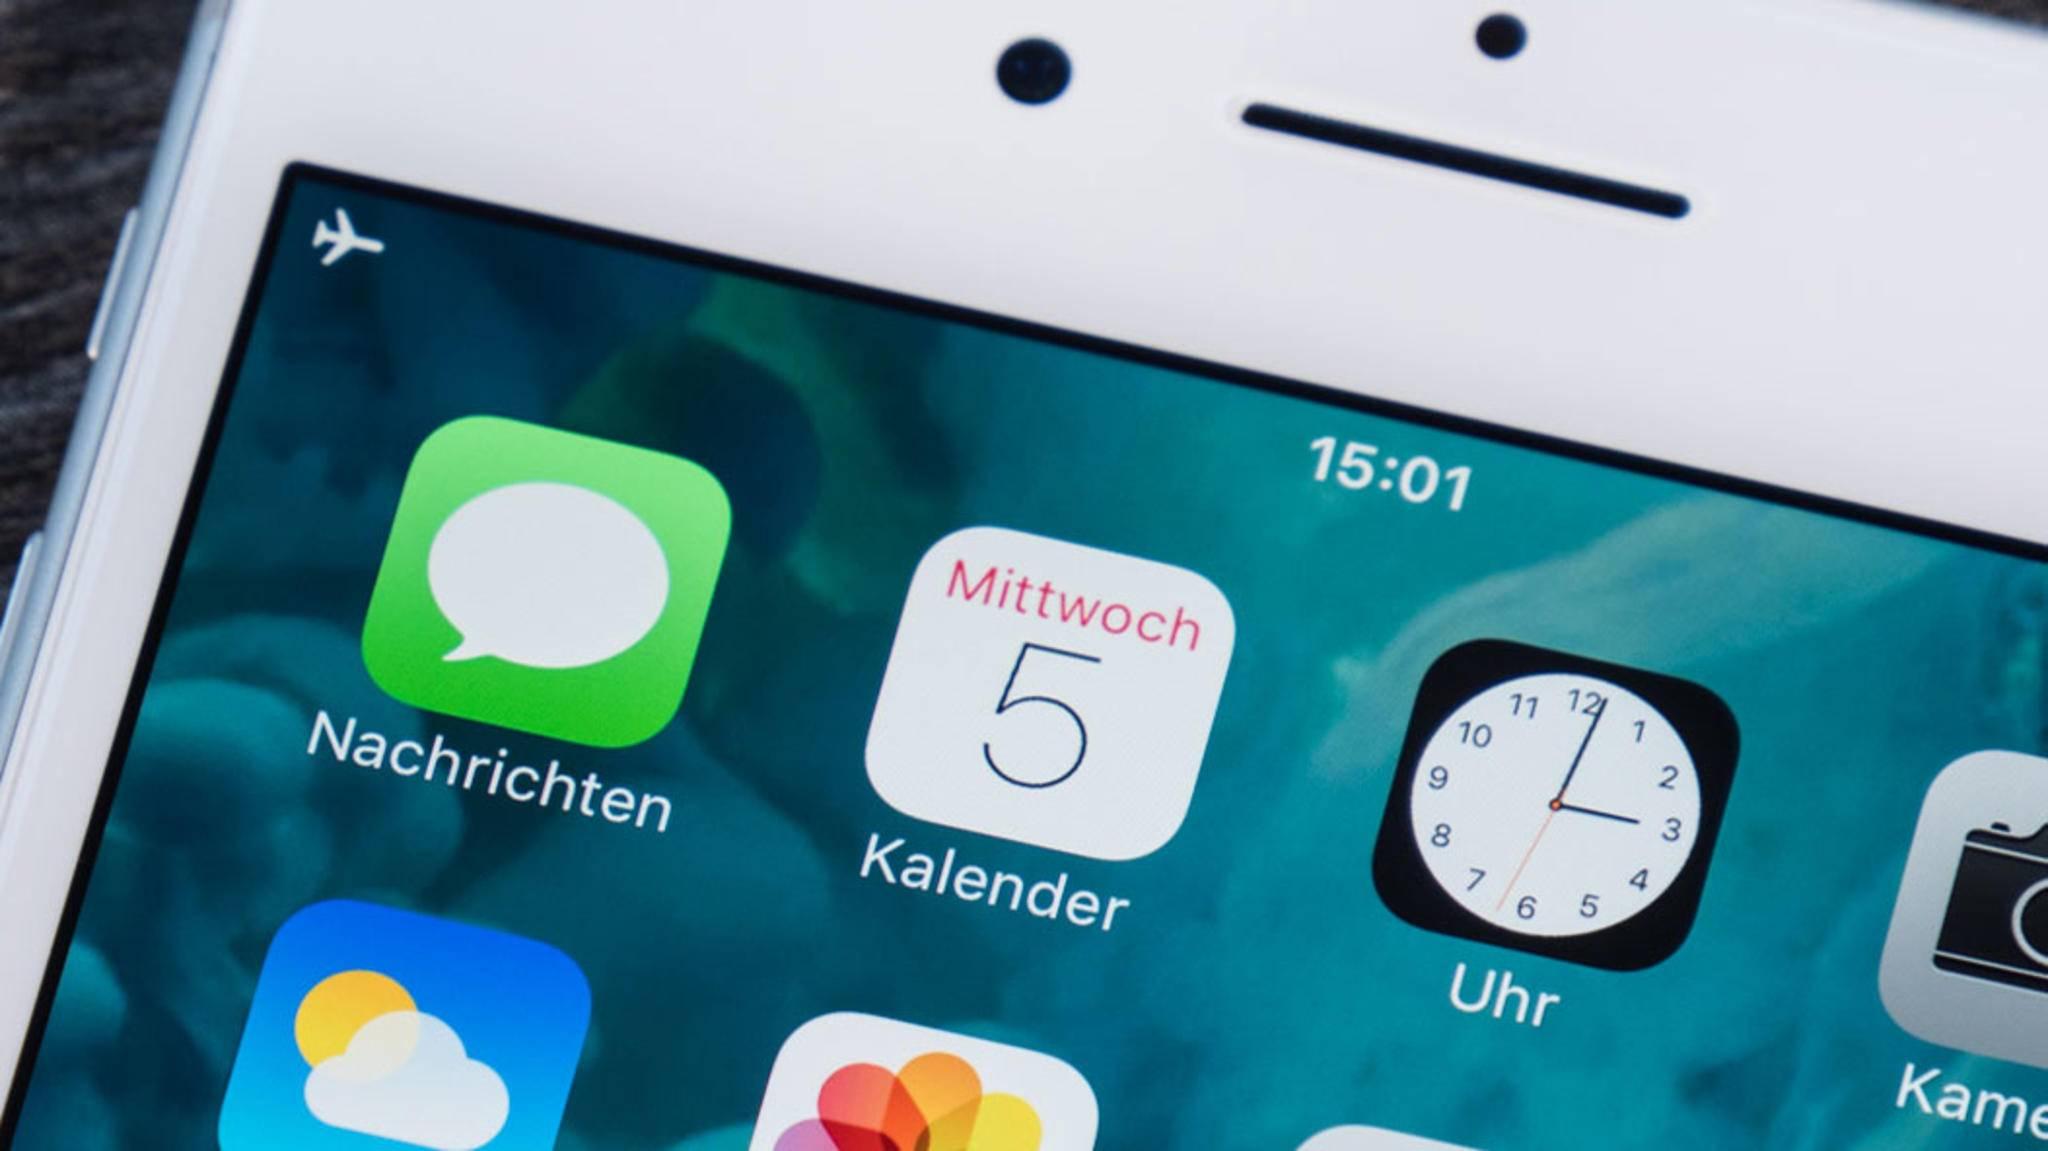 Du willst den iPhone-Kalender mit anderen Personen teilen? Wir klären, wie das funktioniert.